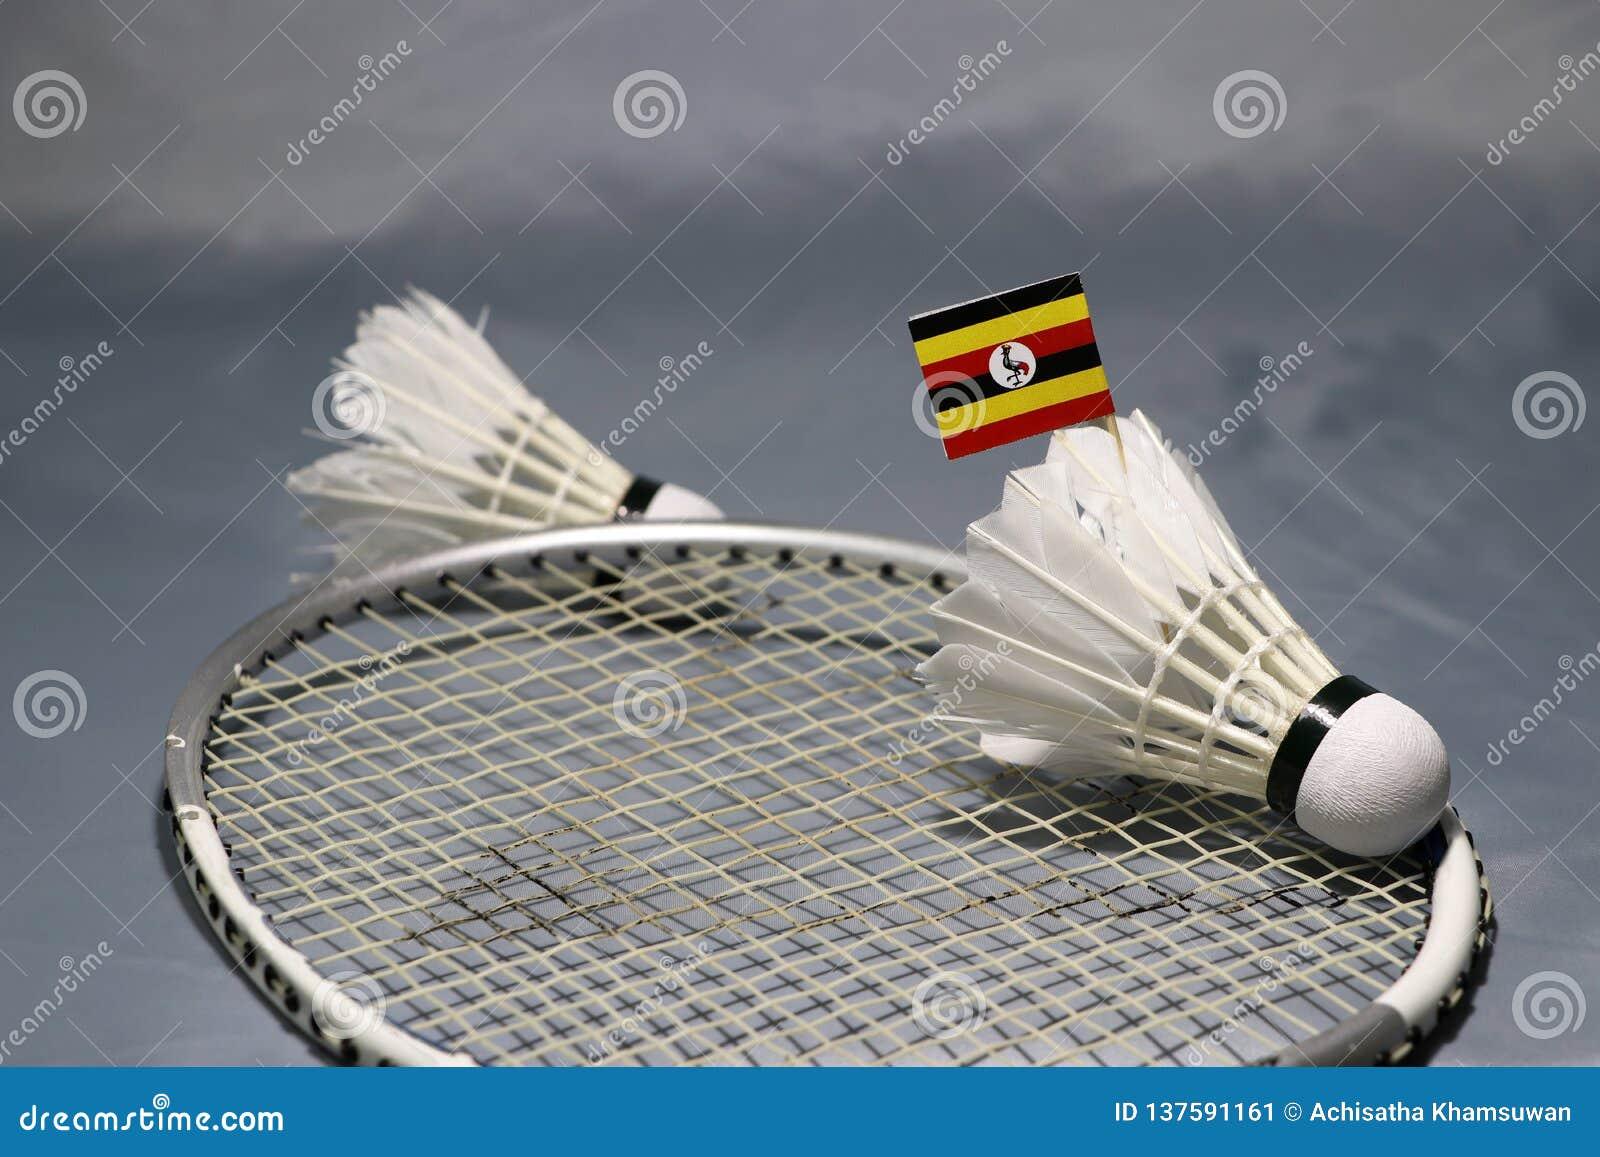 Mini Uganda-de vlagstok op de shuttle zette op het net van badmintonracket en concentreert uit een shuttle